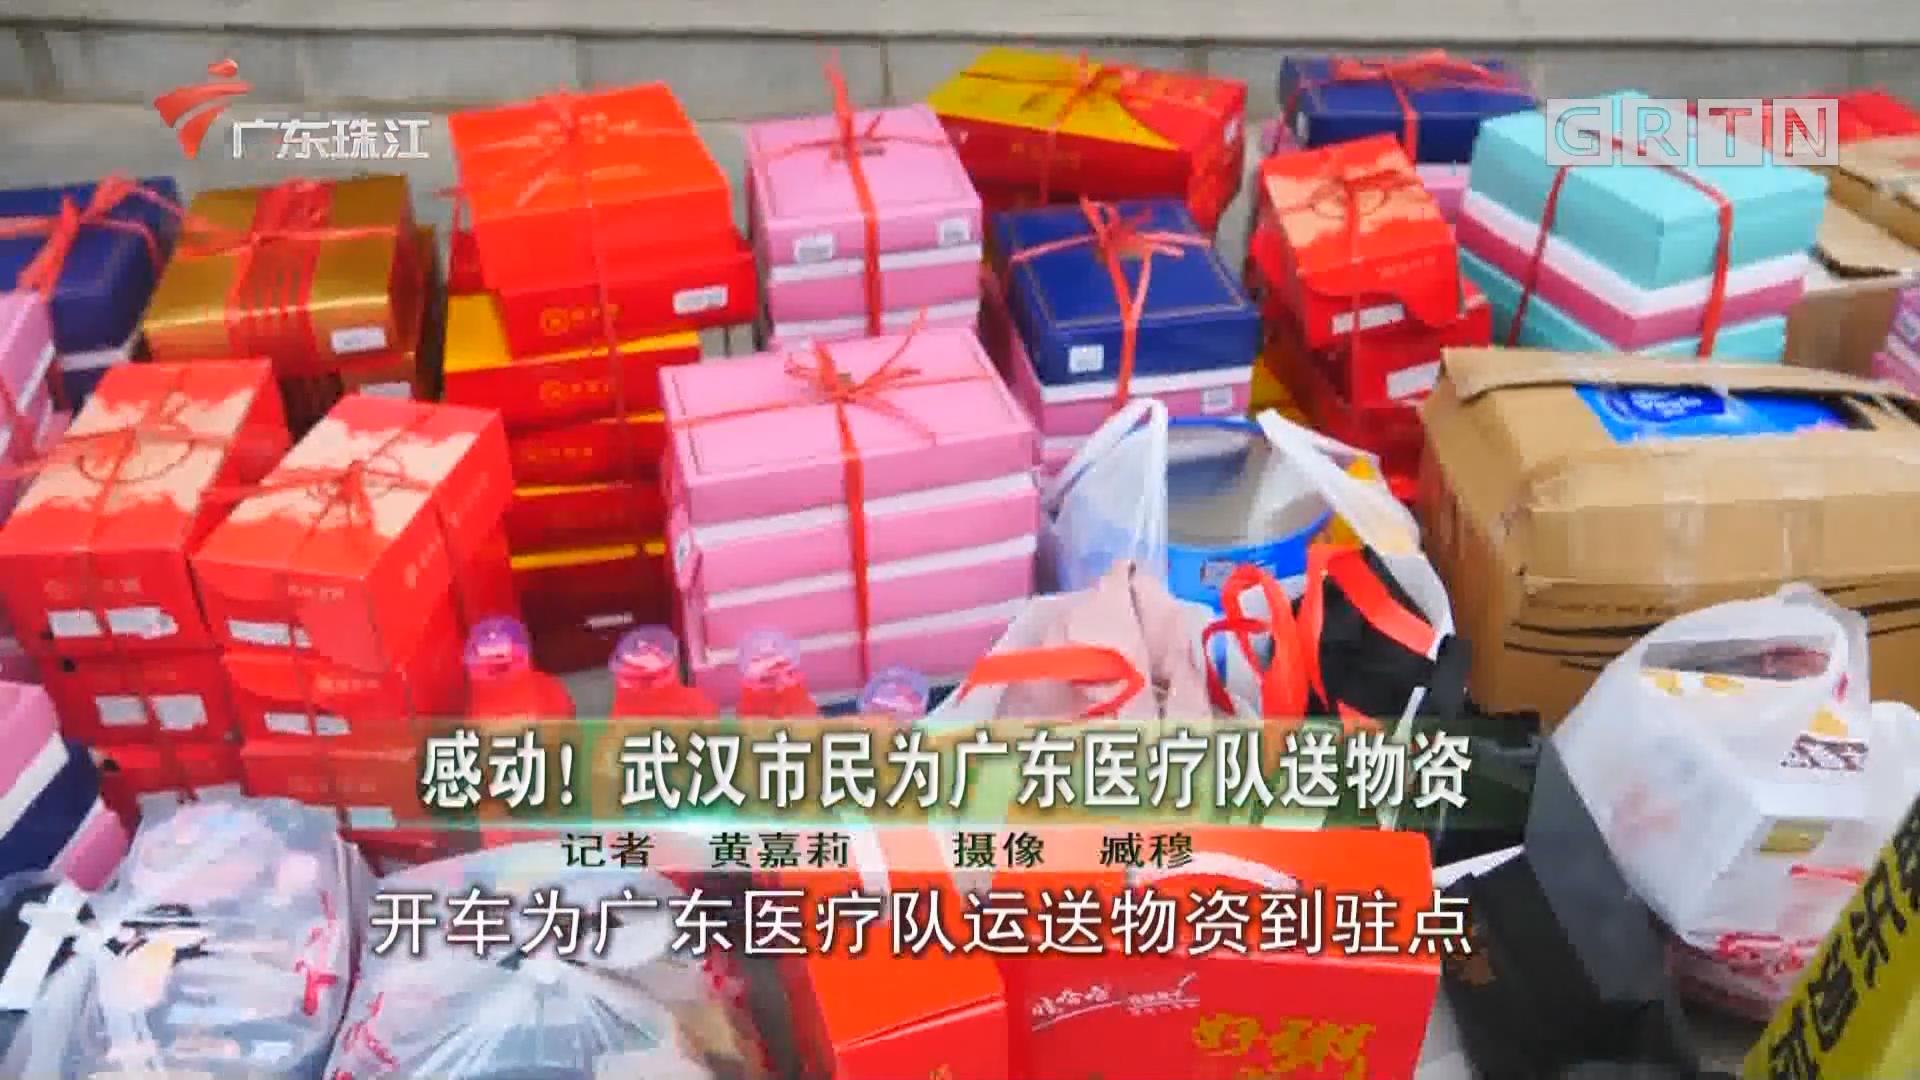 感动!武汉市民为广东医疗队送物资